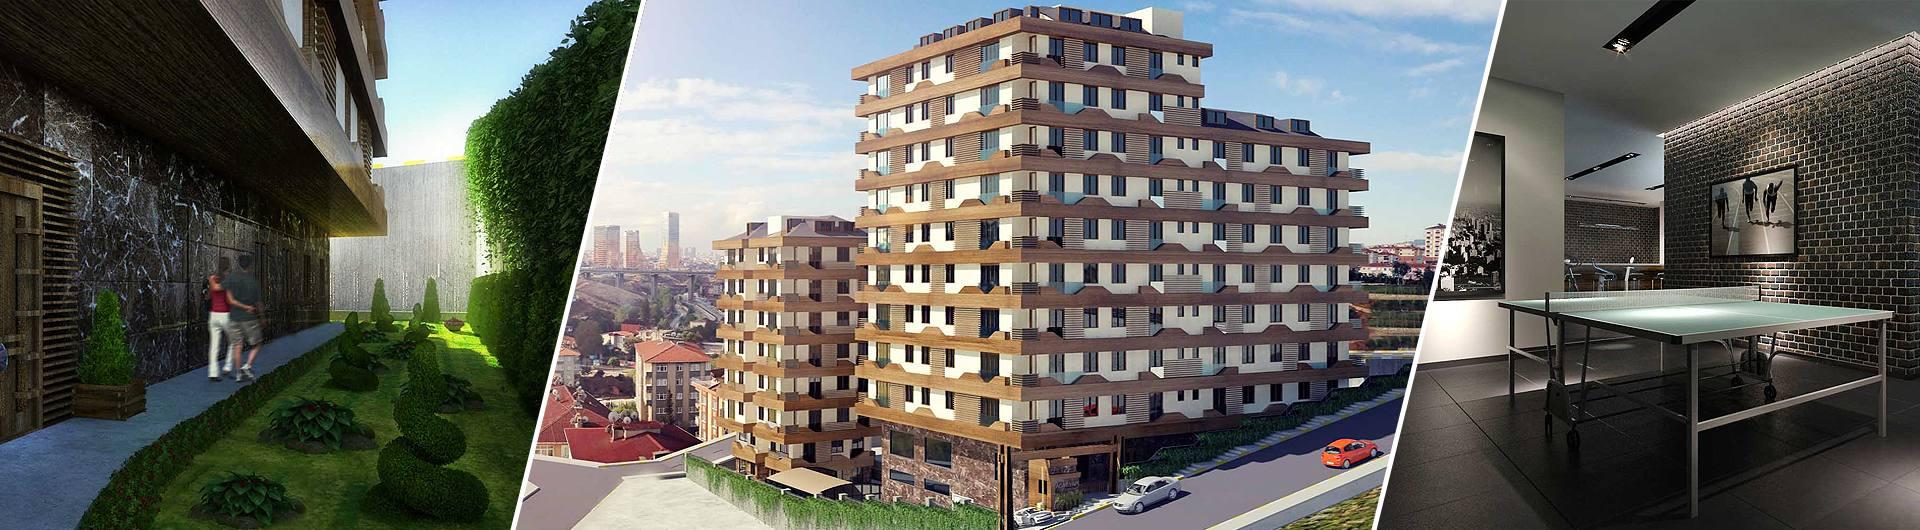 Acat Yapı Finans Evleri Konut Projesi arkaplan